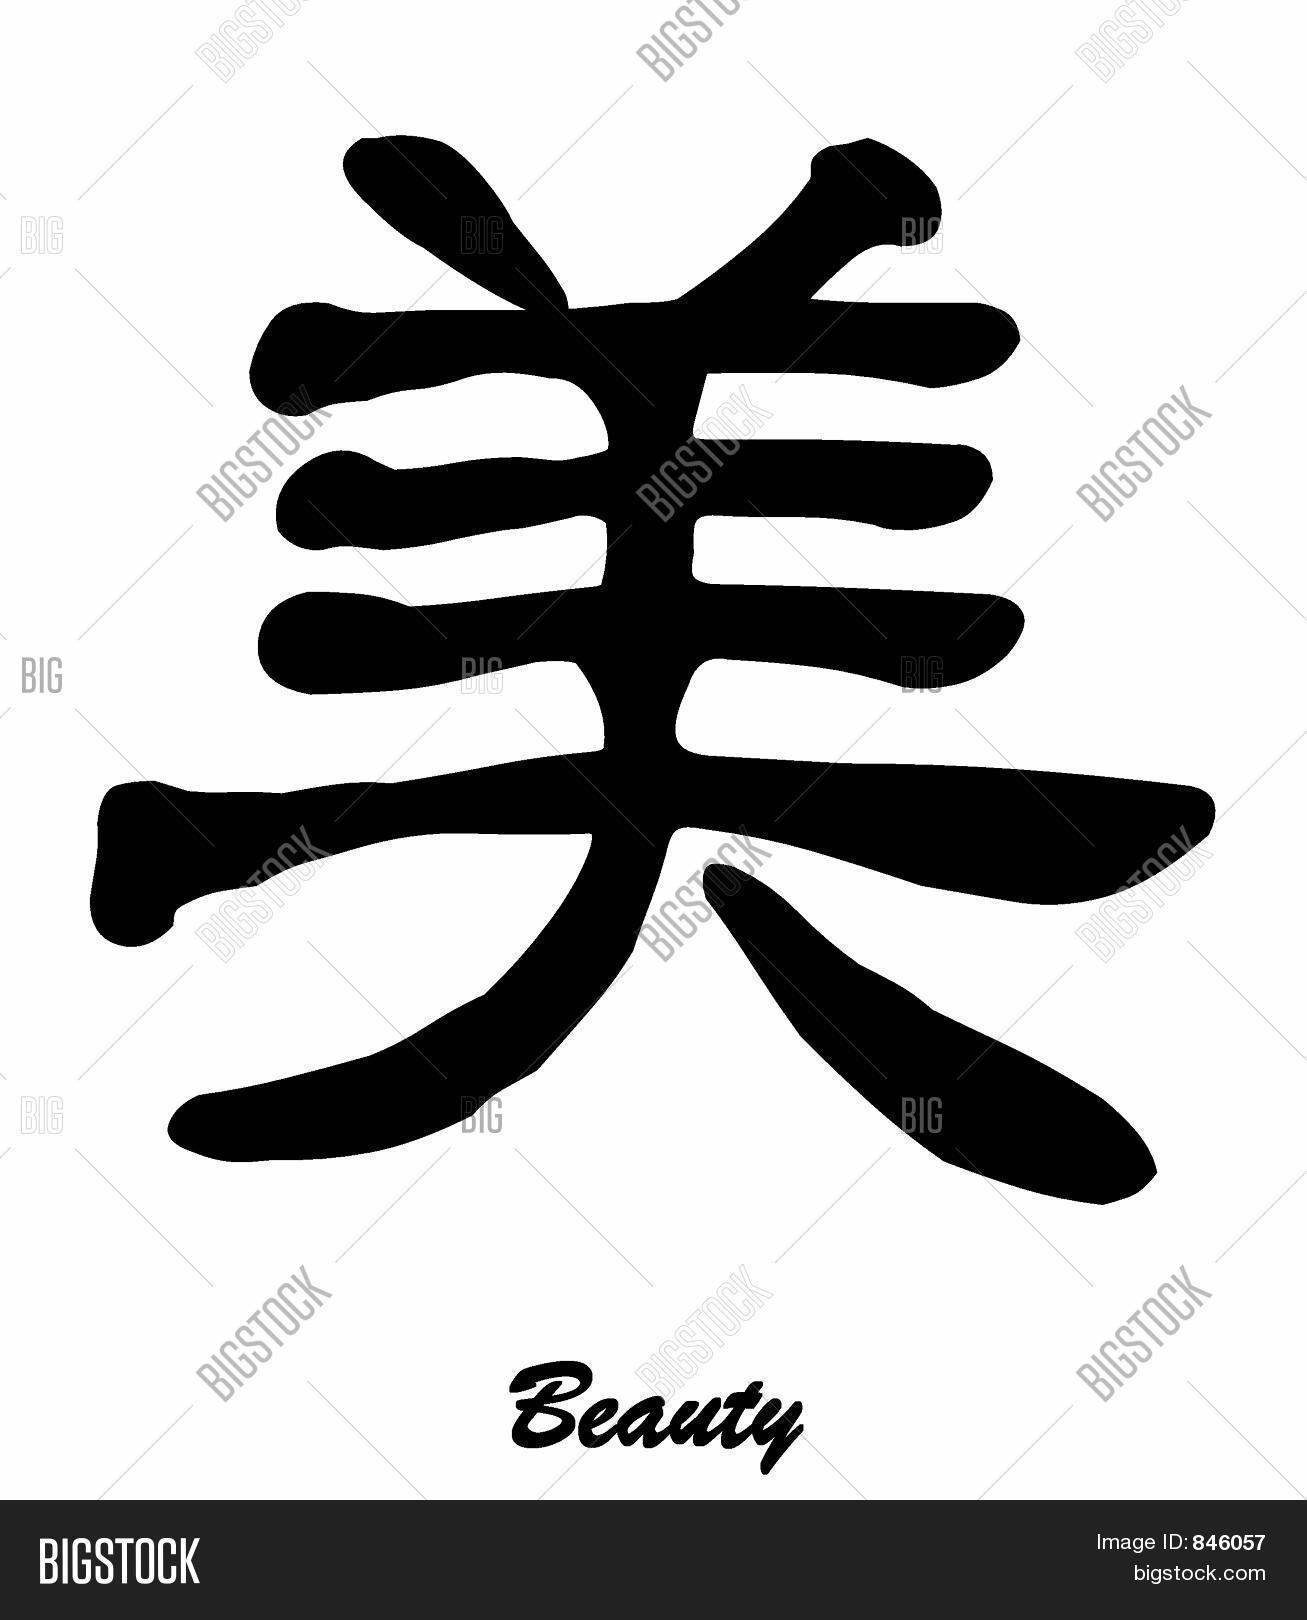 Beauty chinese character image photo bigstock beauty chinese character calligraphy biocorpaavc Images